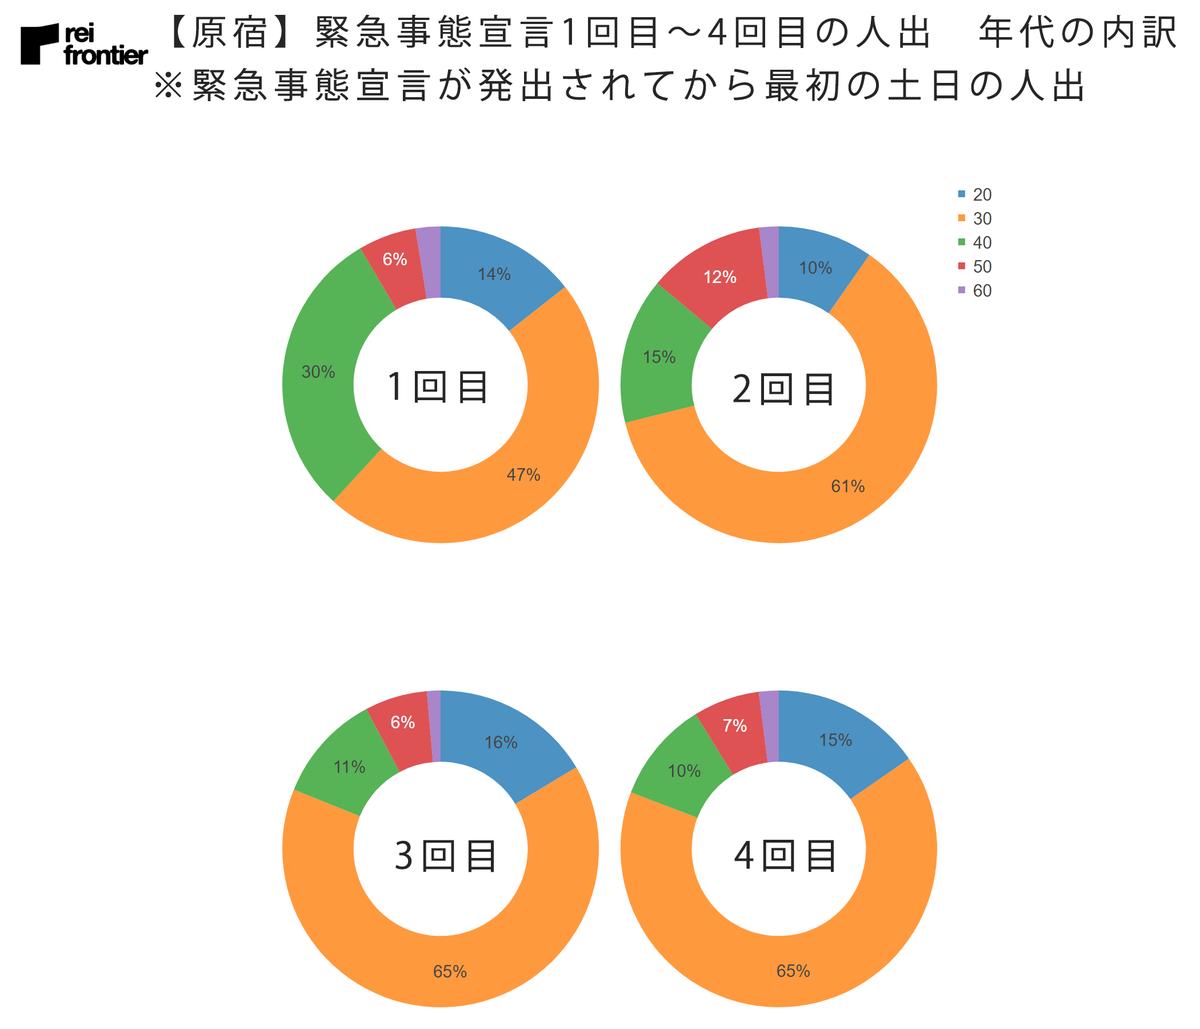 【原宿】緊急事態宣言1回目~4回目の人出 年代内訳